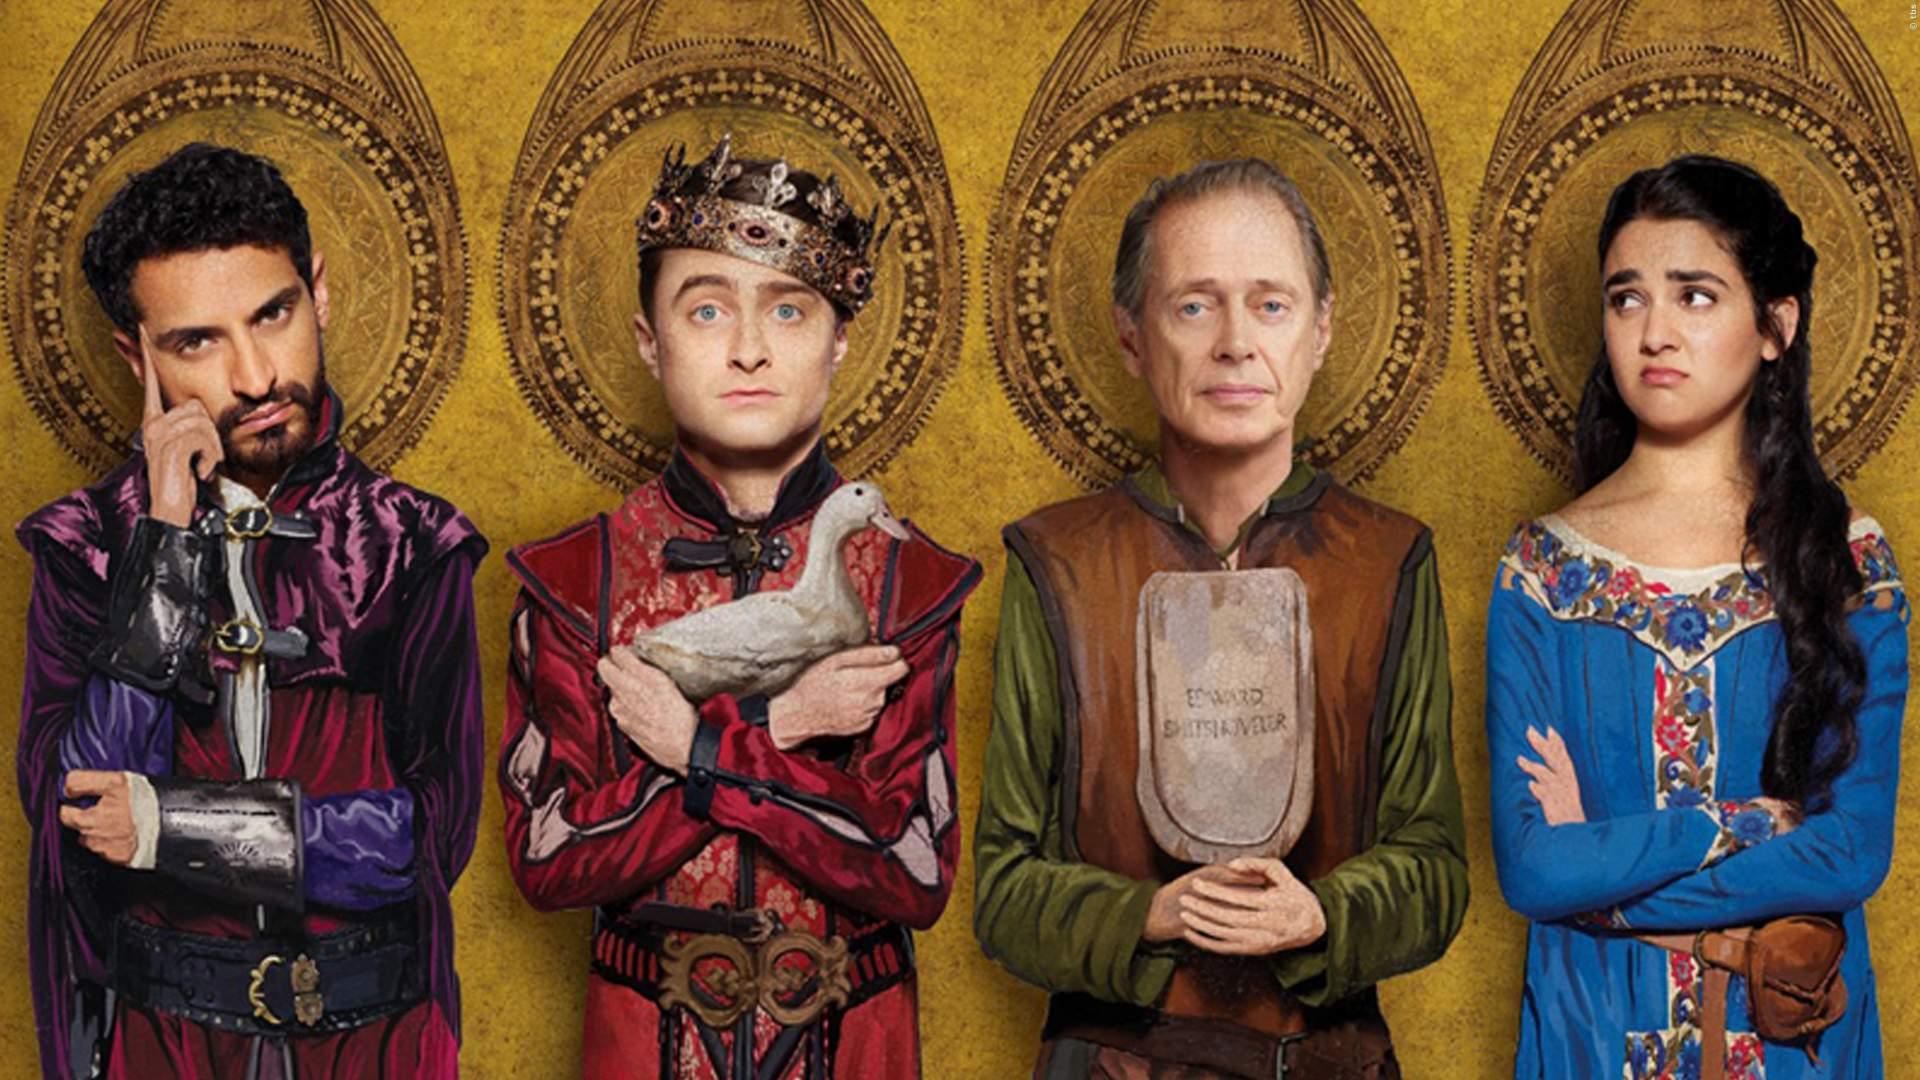 """TRAILER: Die verrückte Comedyserie mit """"Harry Potter"""" geht in die 2. Staffel"""